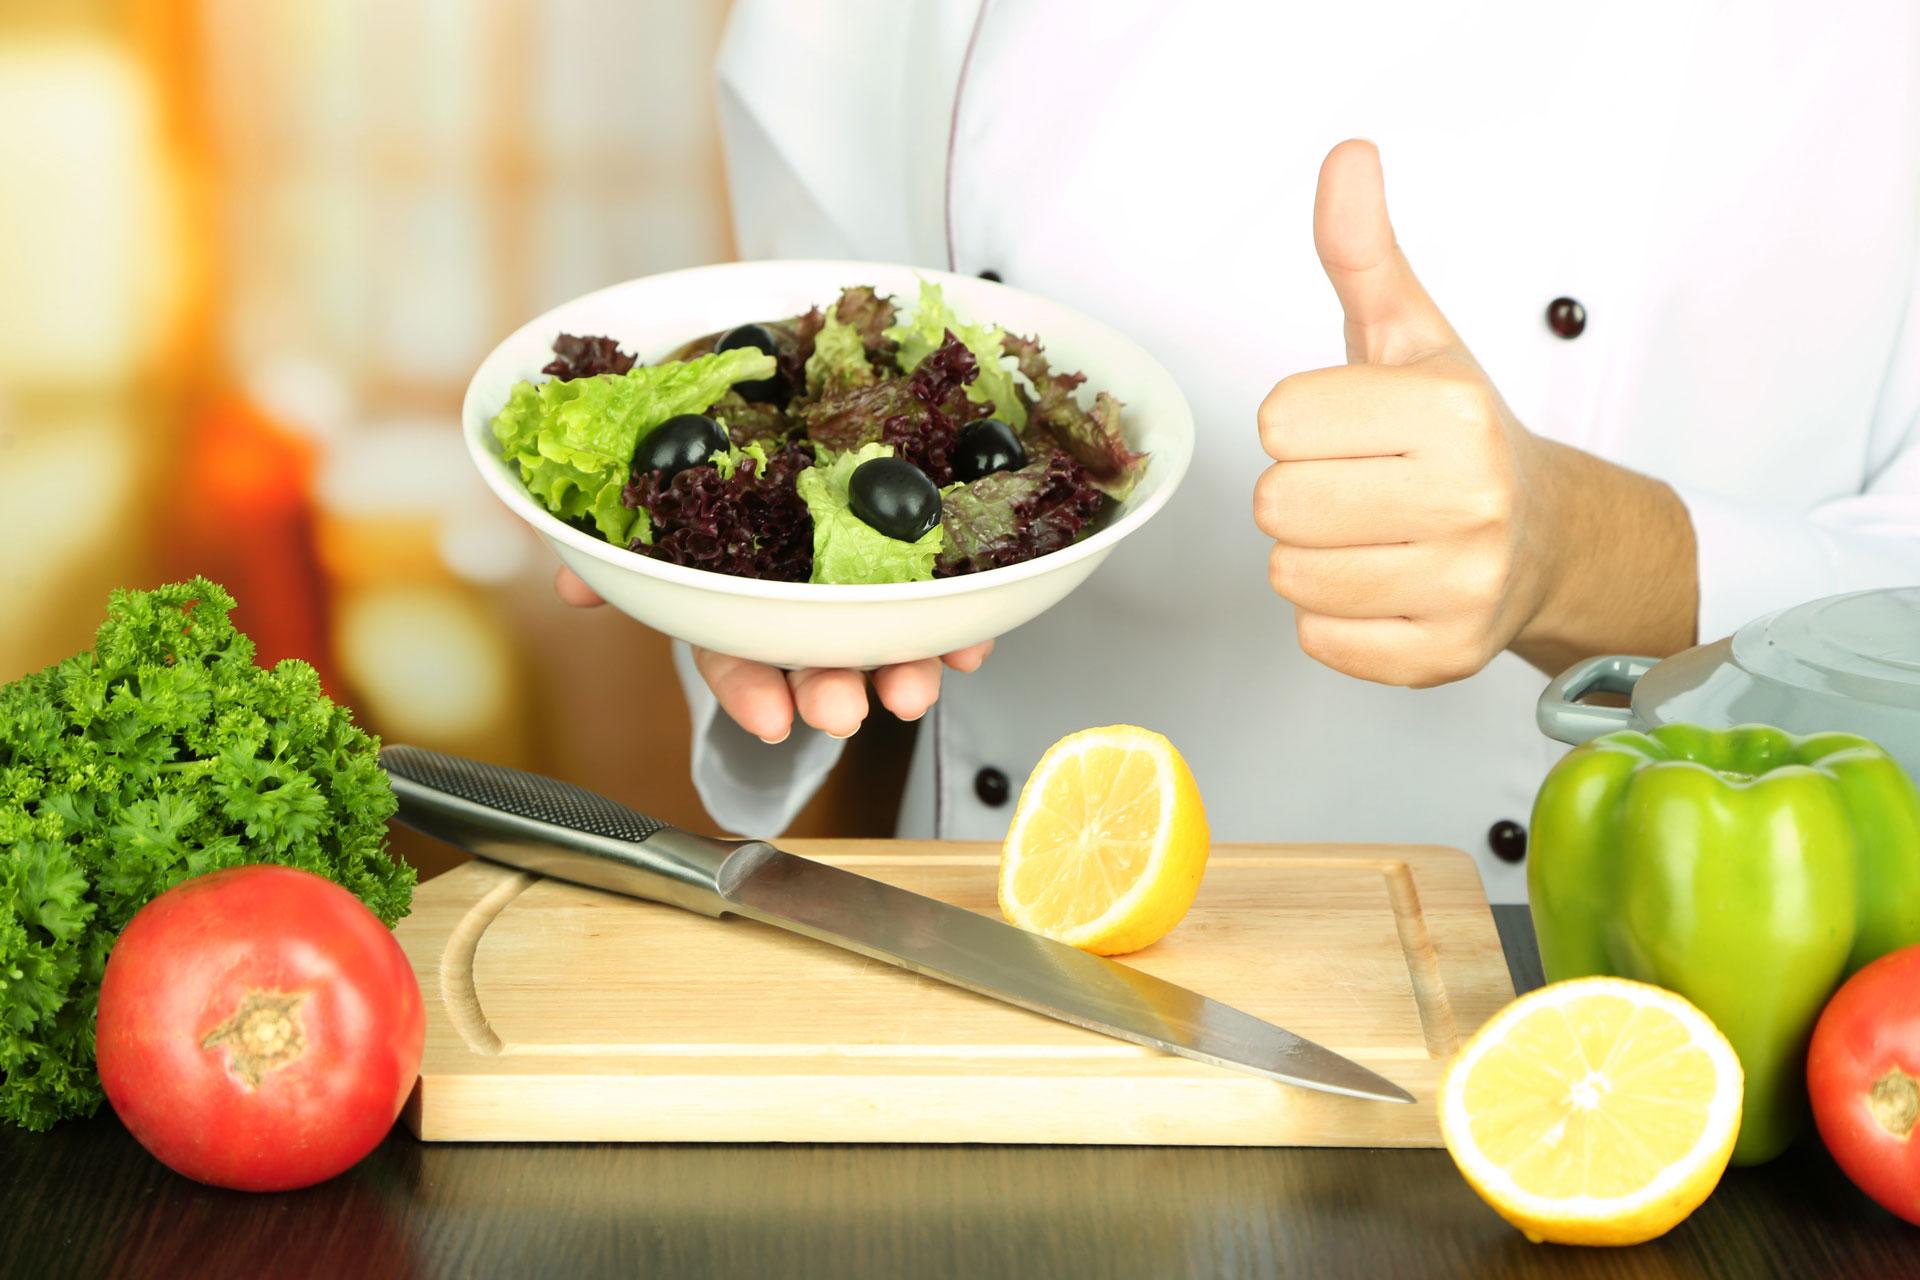 agile BGF » betriebliche Gesundheitsförderung » ein Koch bereitet frischen Salat zu